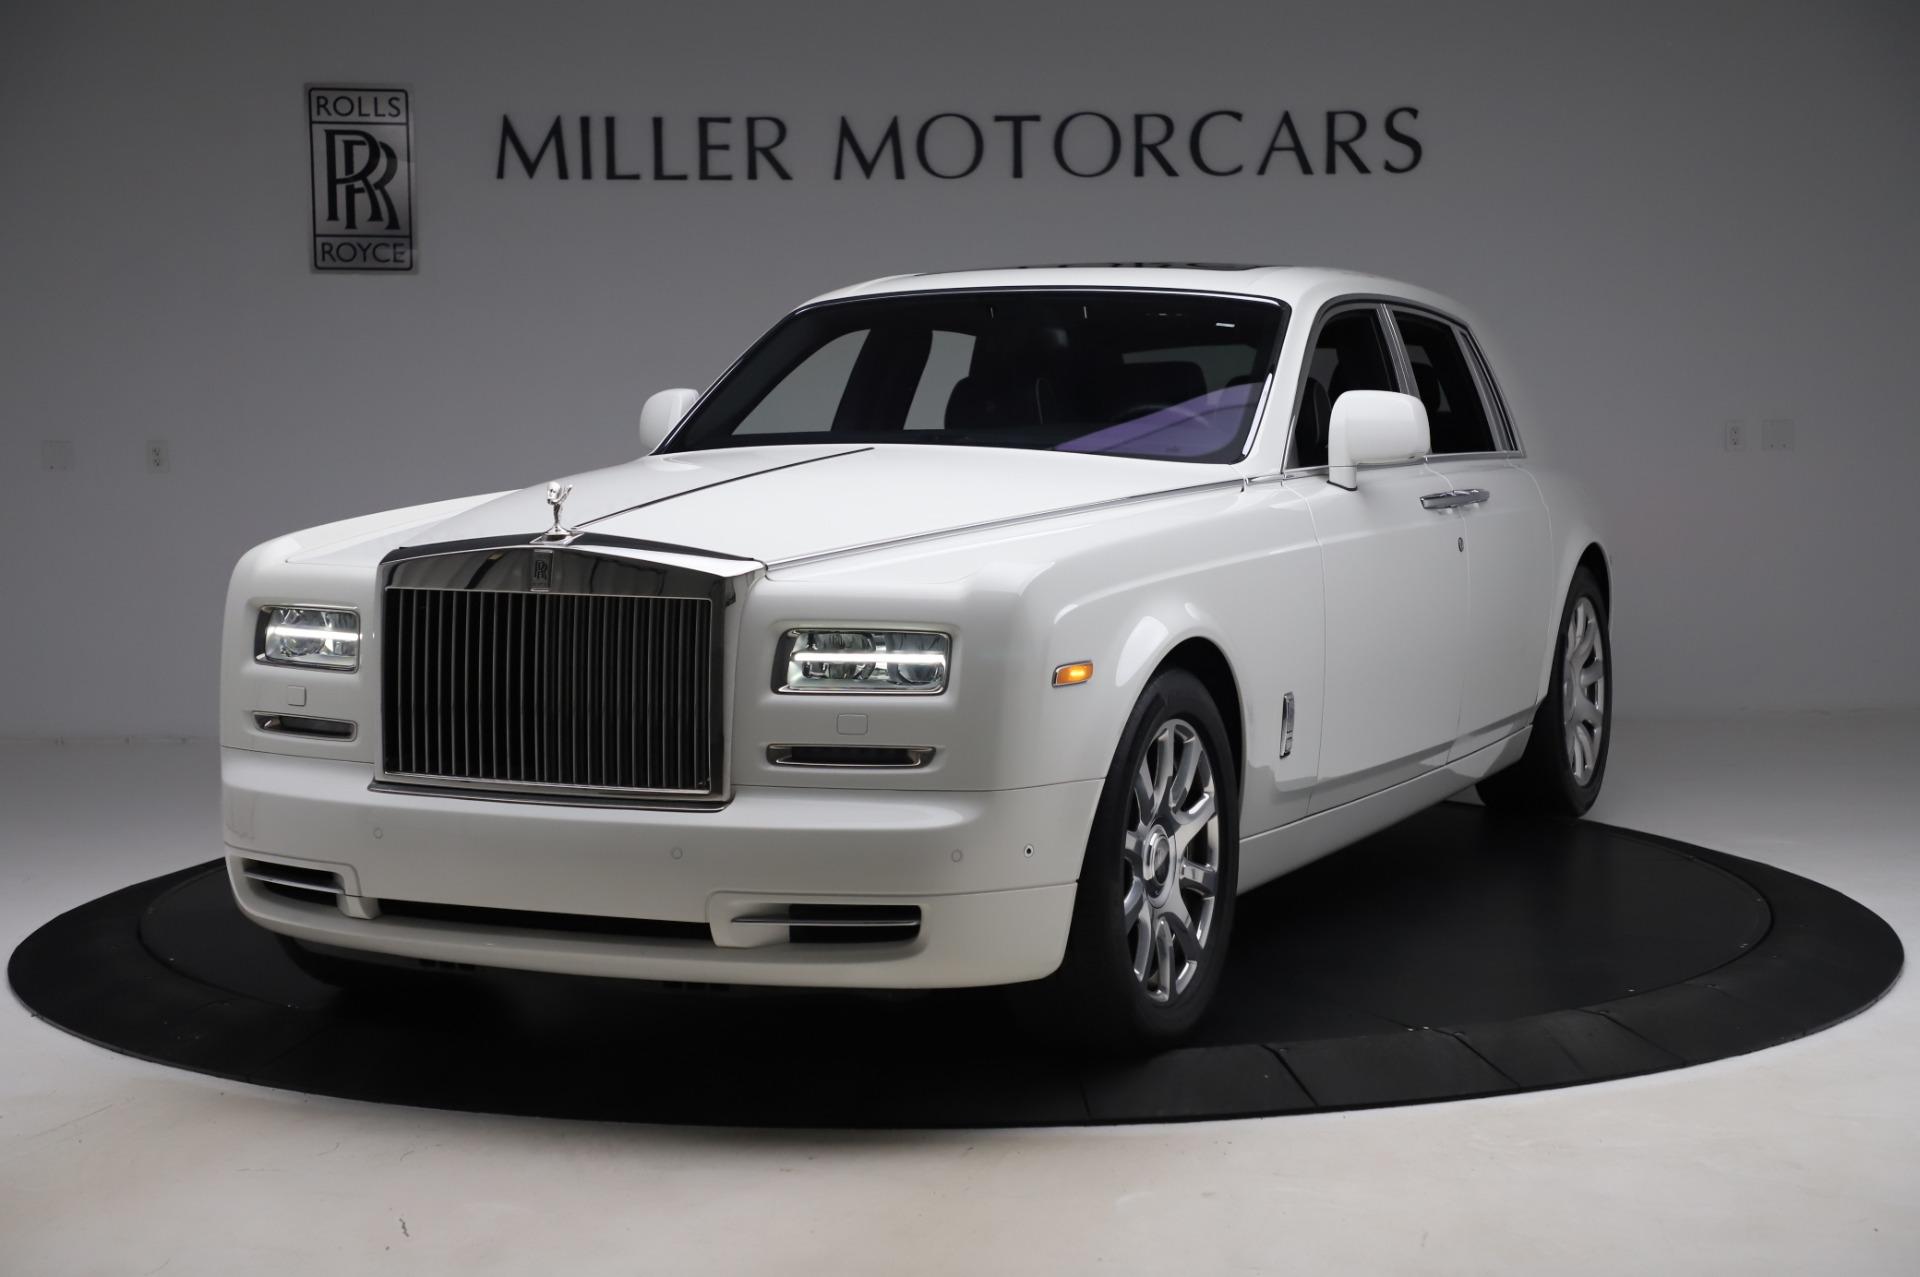 Used 2014 Rolls-Royce Phantom for sale $199,900 at Maserati of Westport in Westport CT 06880 1